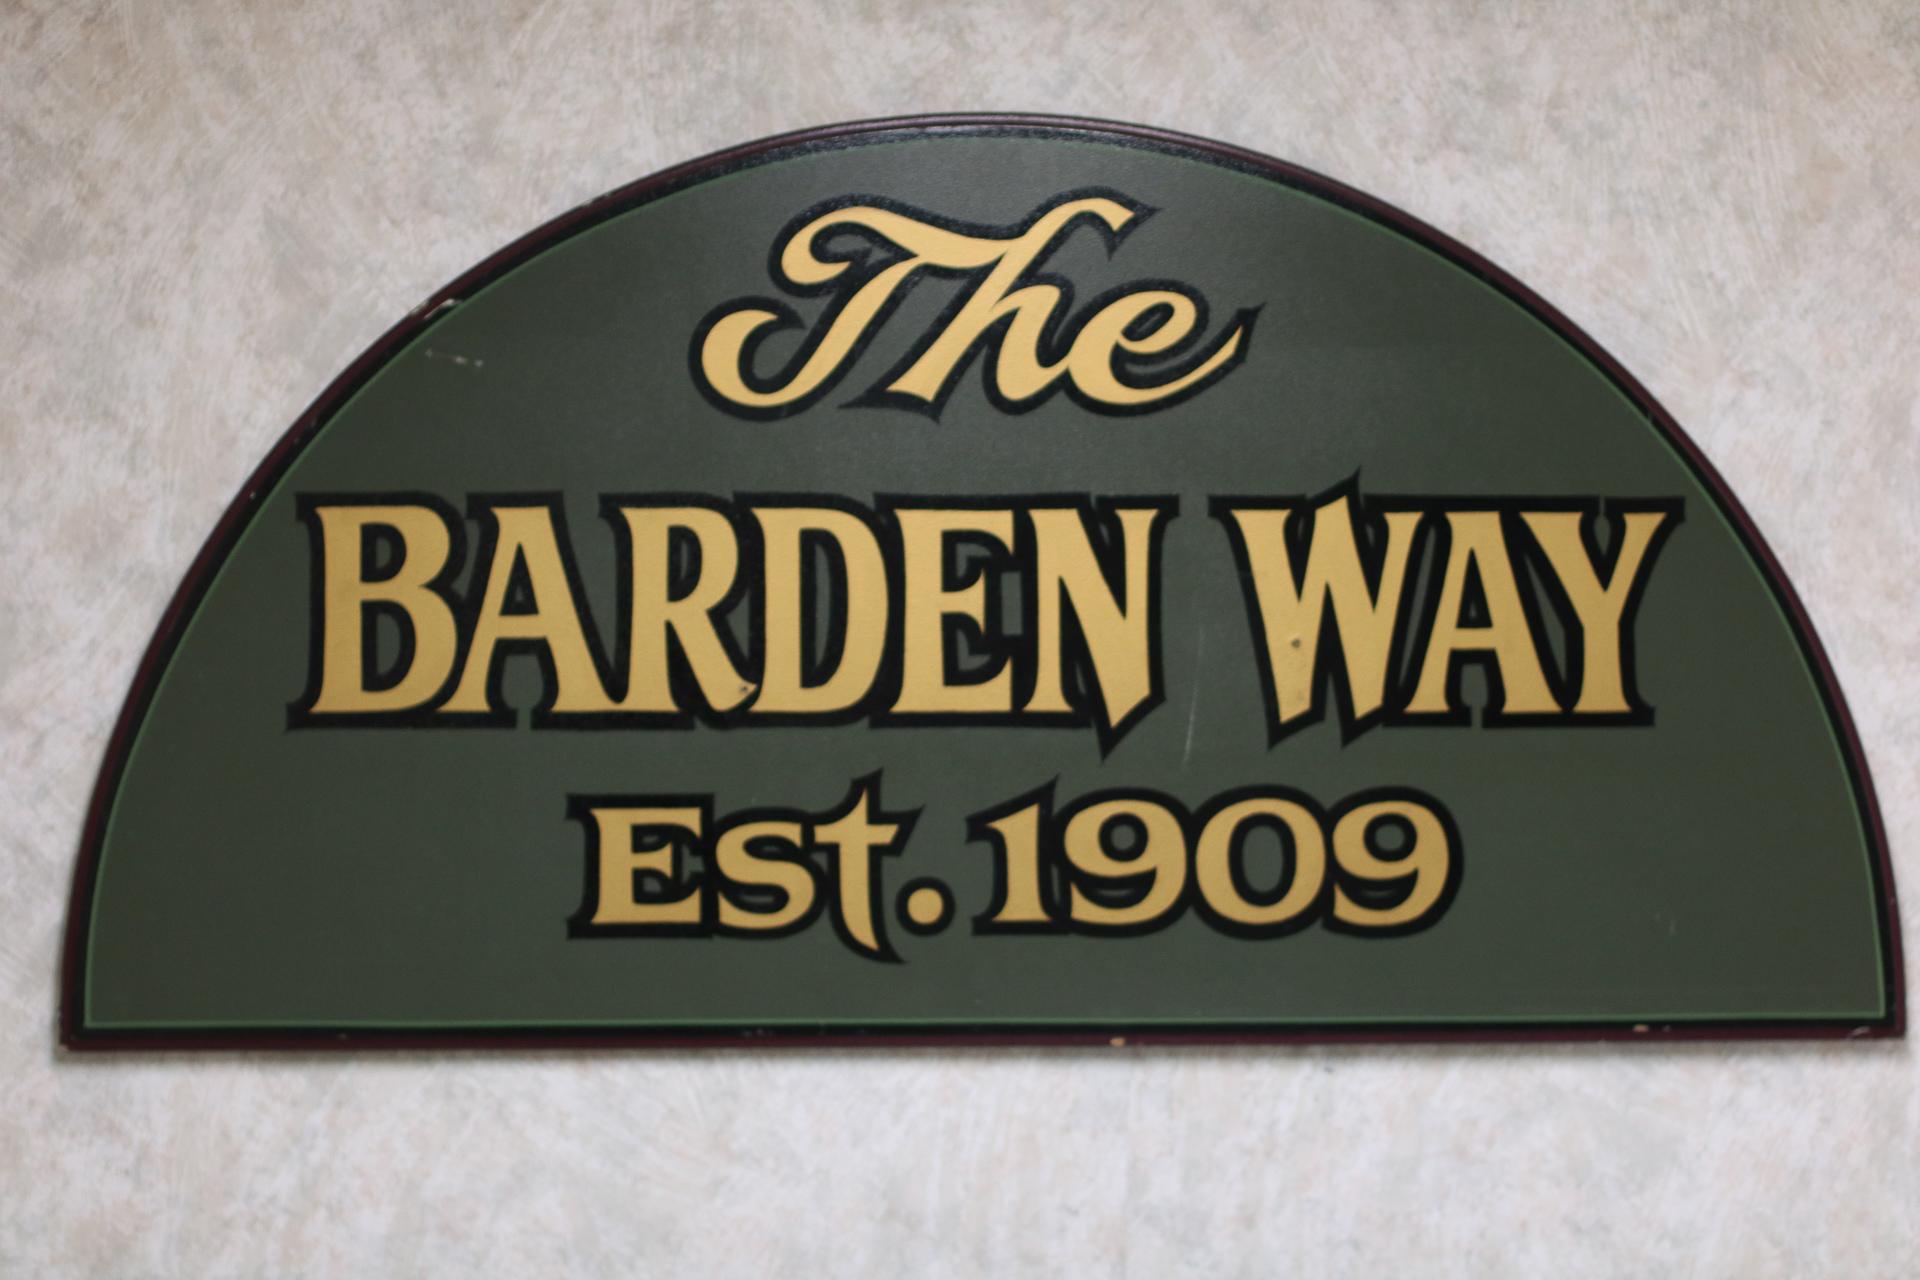 Barden-barden-sign.jpg